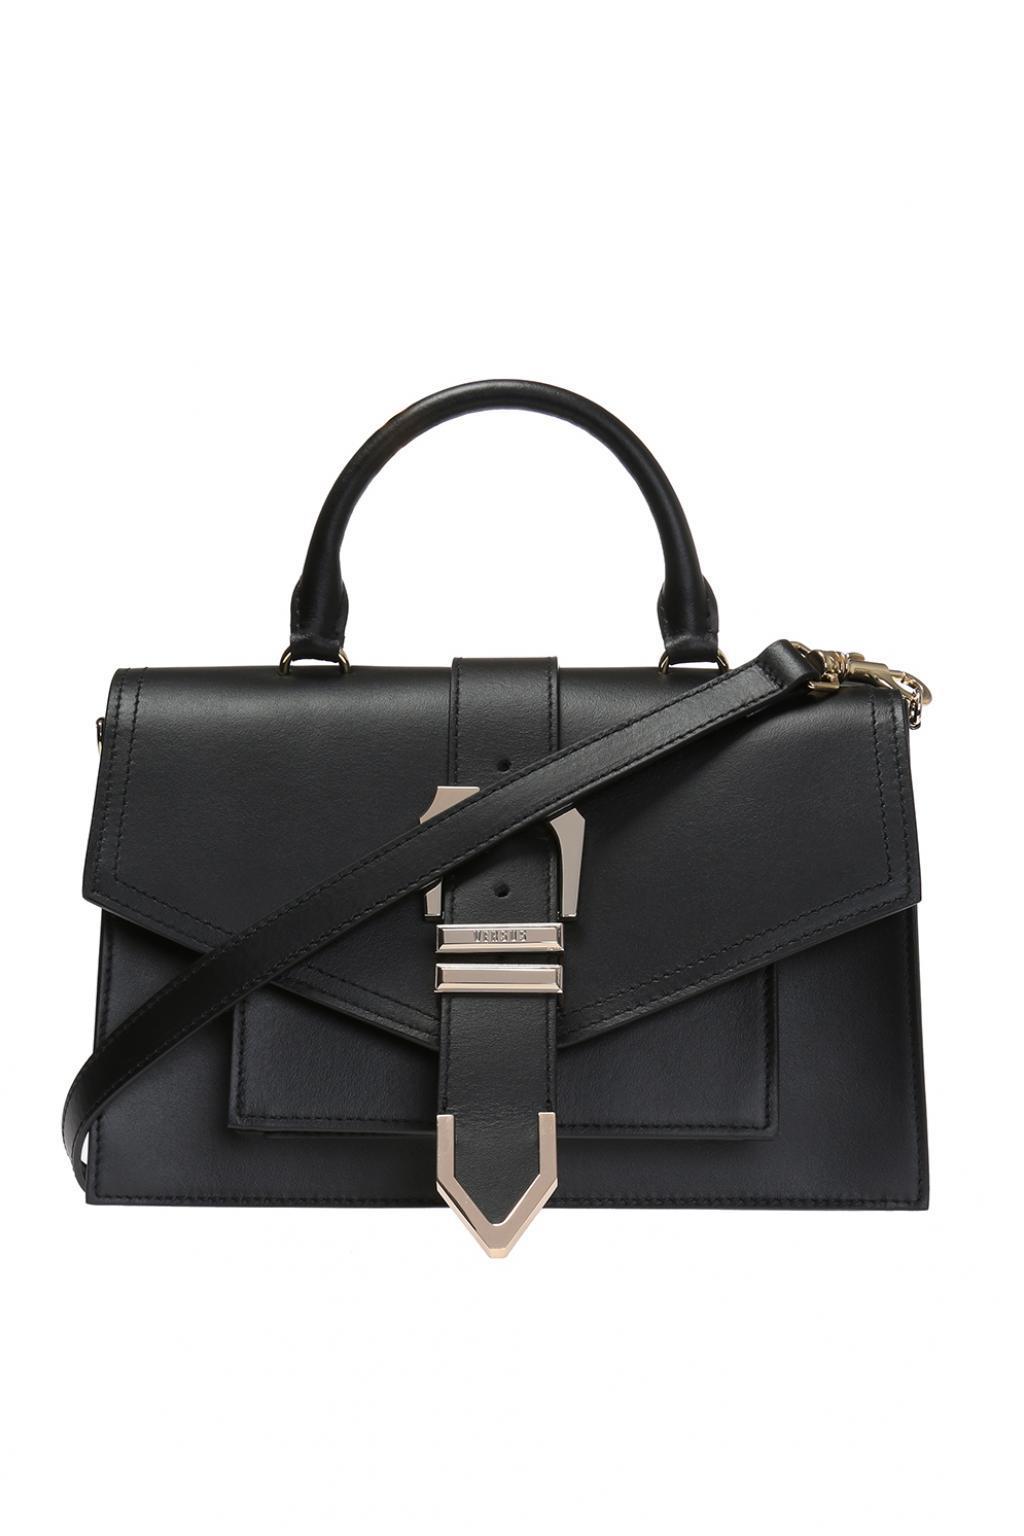 Versus Iconic eyelet-buckle shoulder bag - Black Zsdw4a